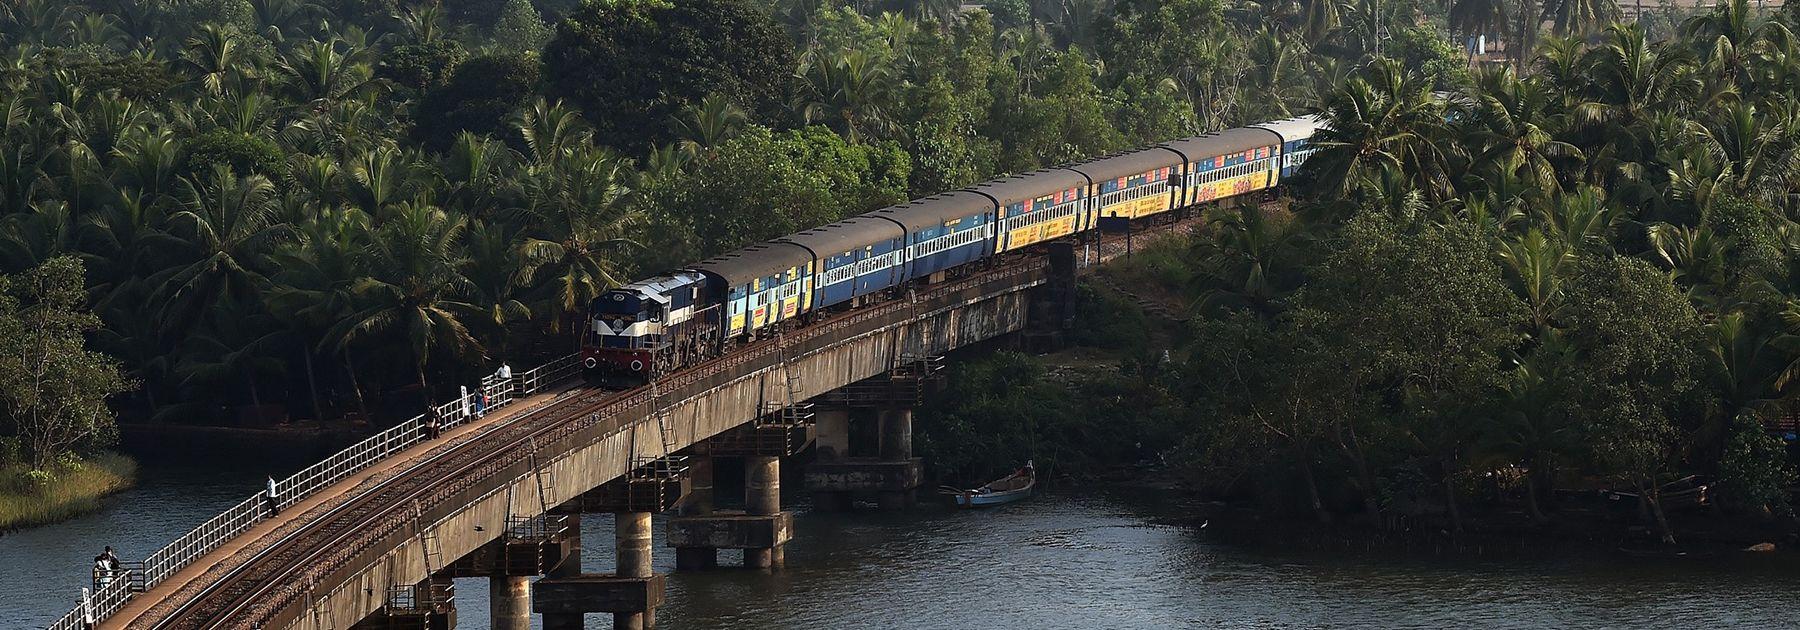 An Indian Railways diesel locomotive carrying a passenger train on Sherawati bridge in Karnataka. (PRAKASH SINGH/AFP/Getty Images)